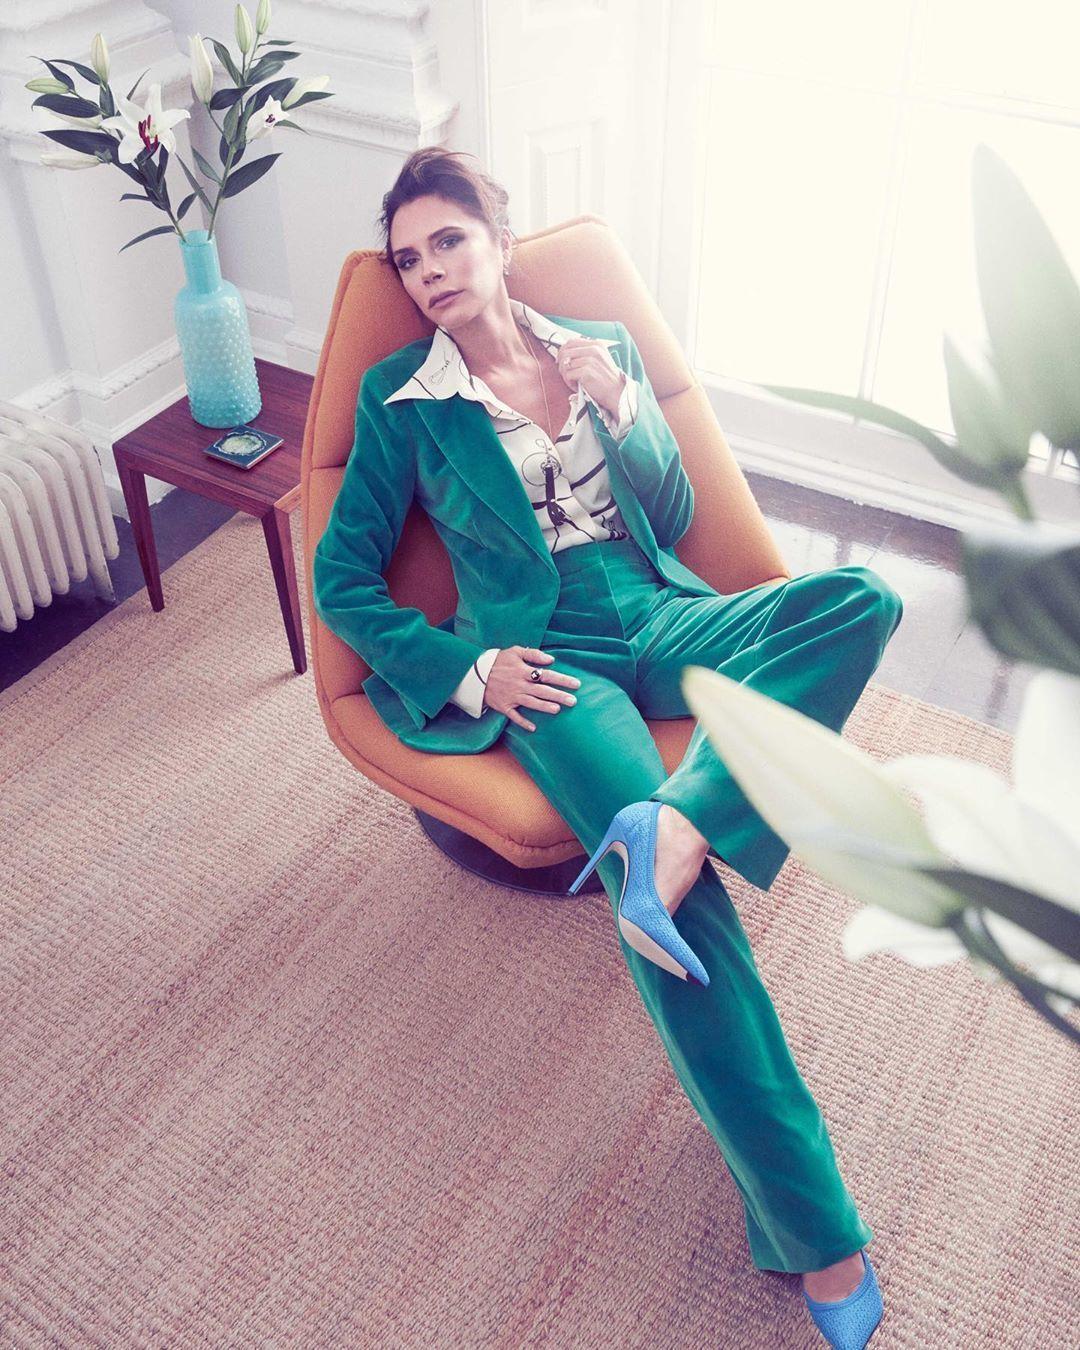 Вікторія Бекхем, Vogue_3